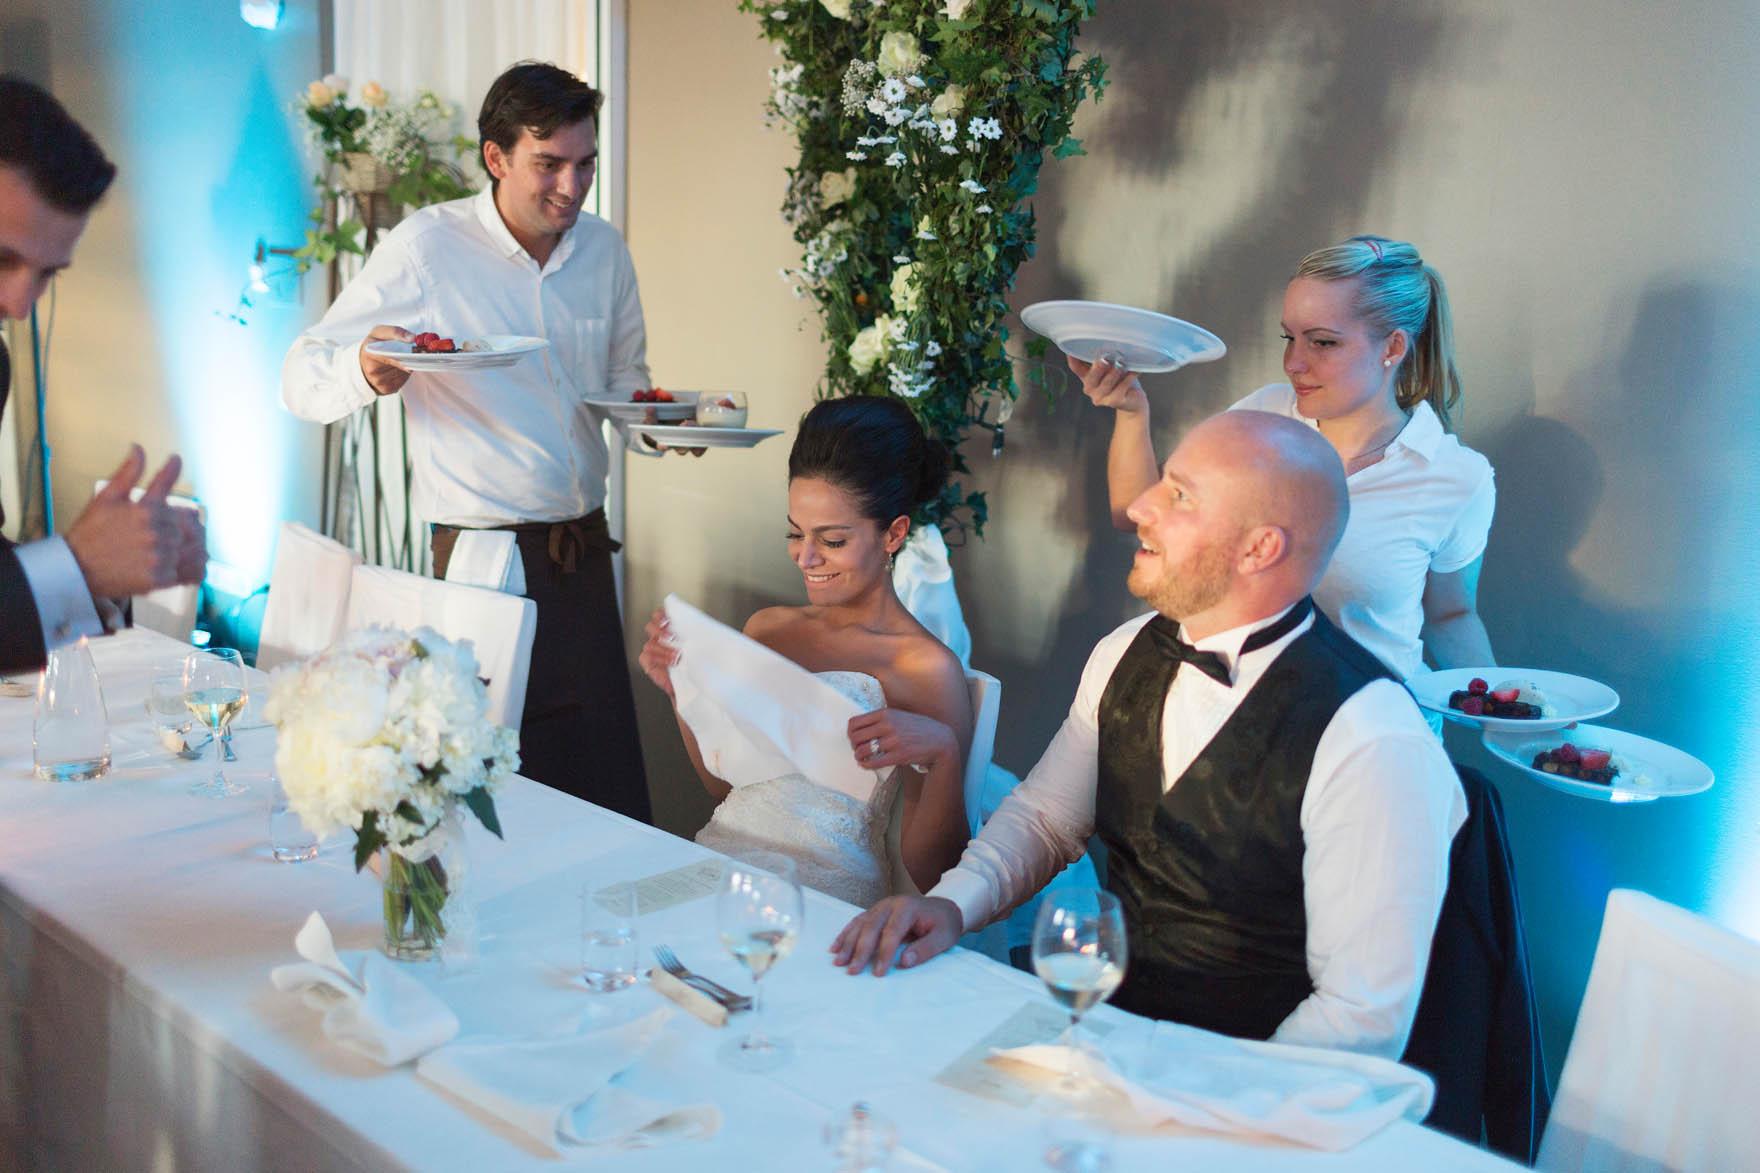 Bröllop på Långedrags värdshus ljussatt festlokal